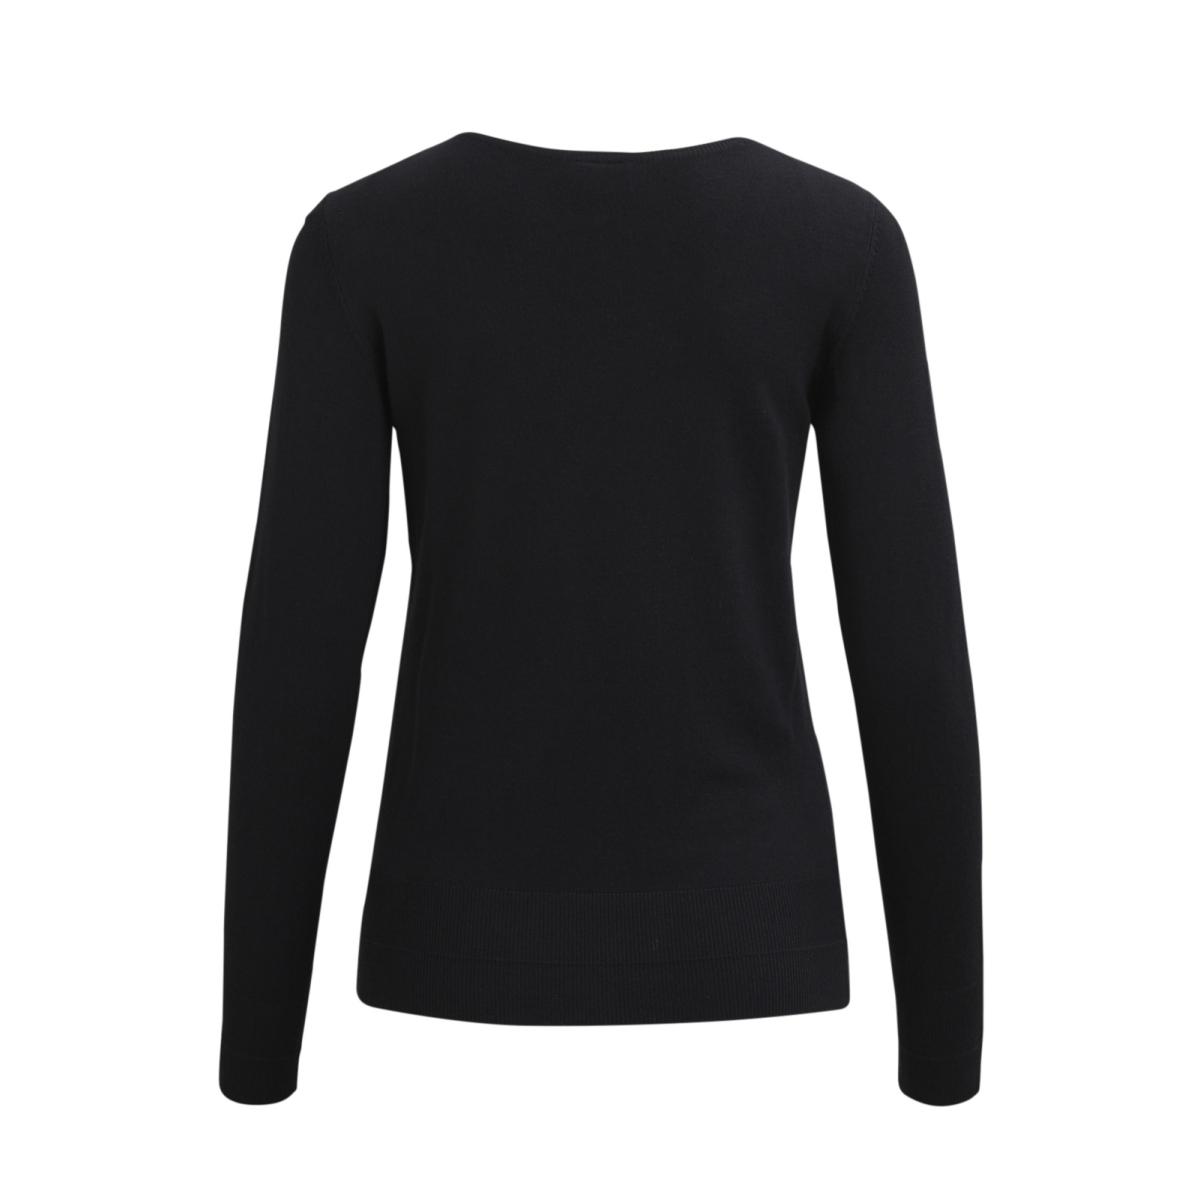 vihelena l/s detail knit top/gv 14043059 vila trui black